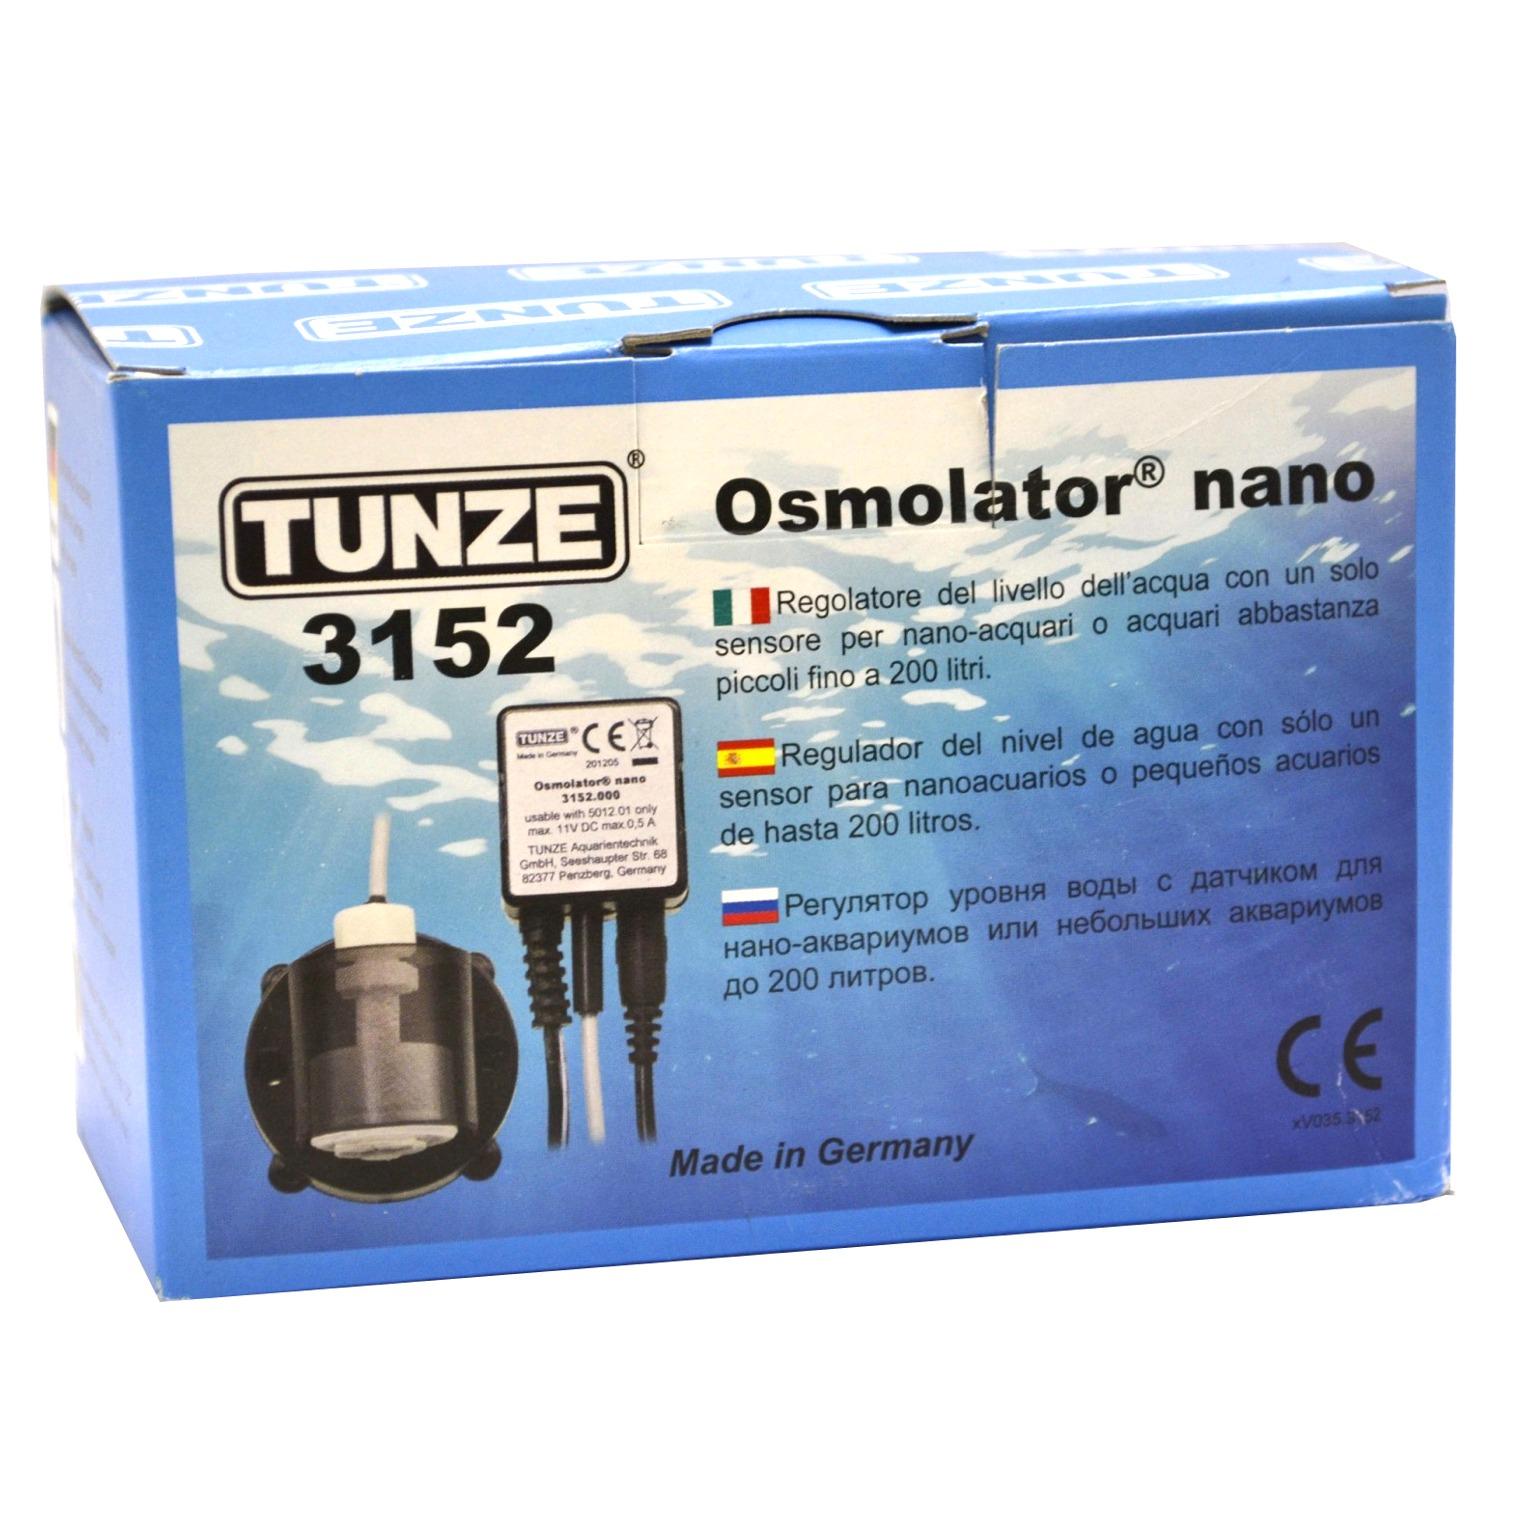 TUNZE Osmolator Nano 3152 régulateur de niveau d\'eau à un capteur pour aquarium jusqu\'à 200L